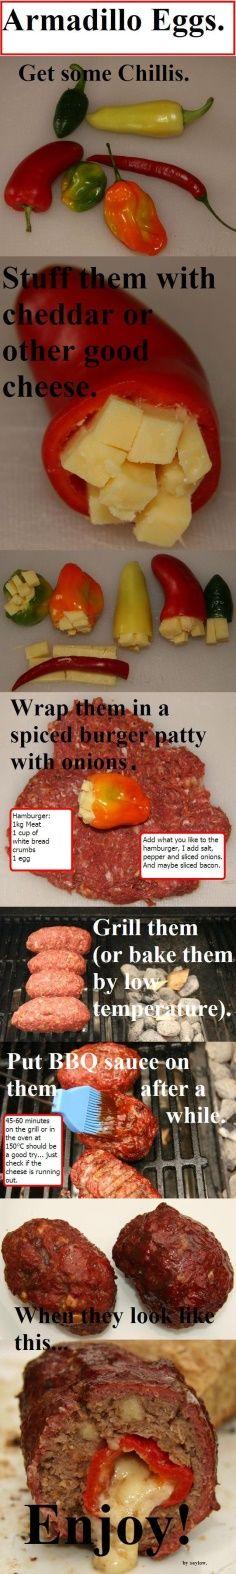 Faszerowane mięsko mielone idealne na grilla